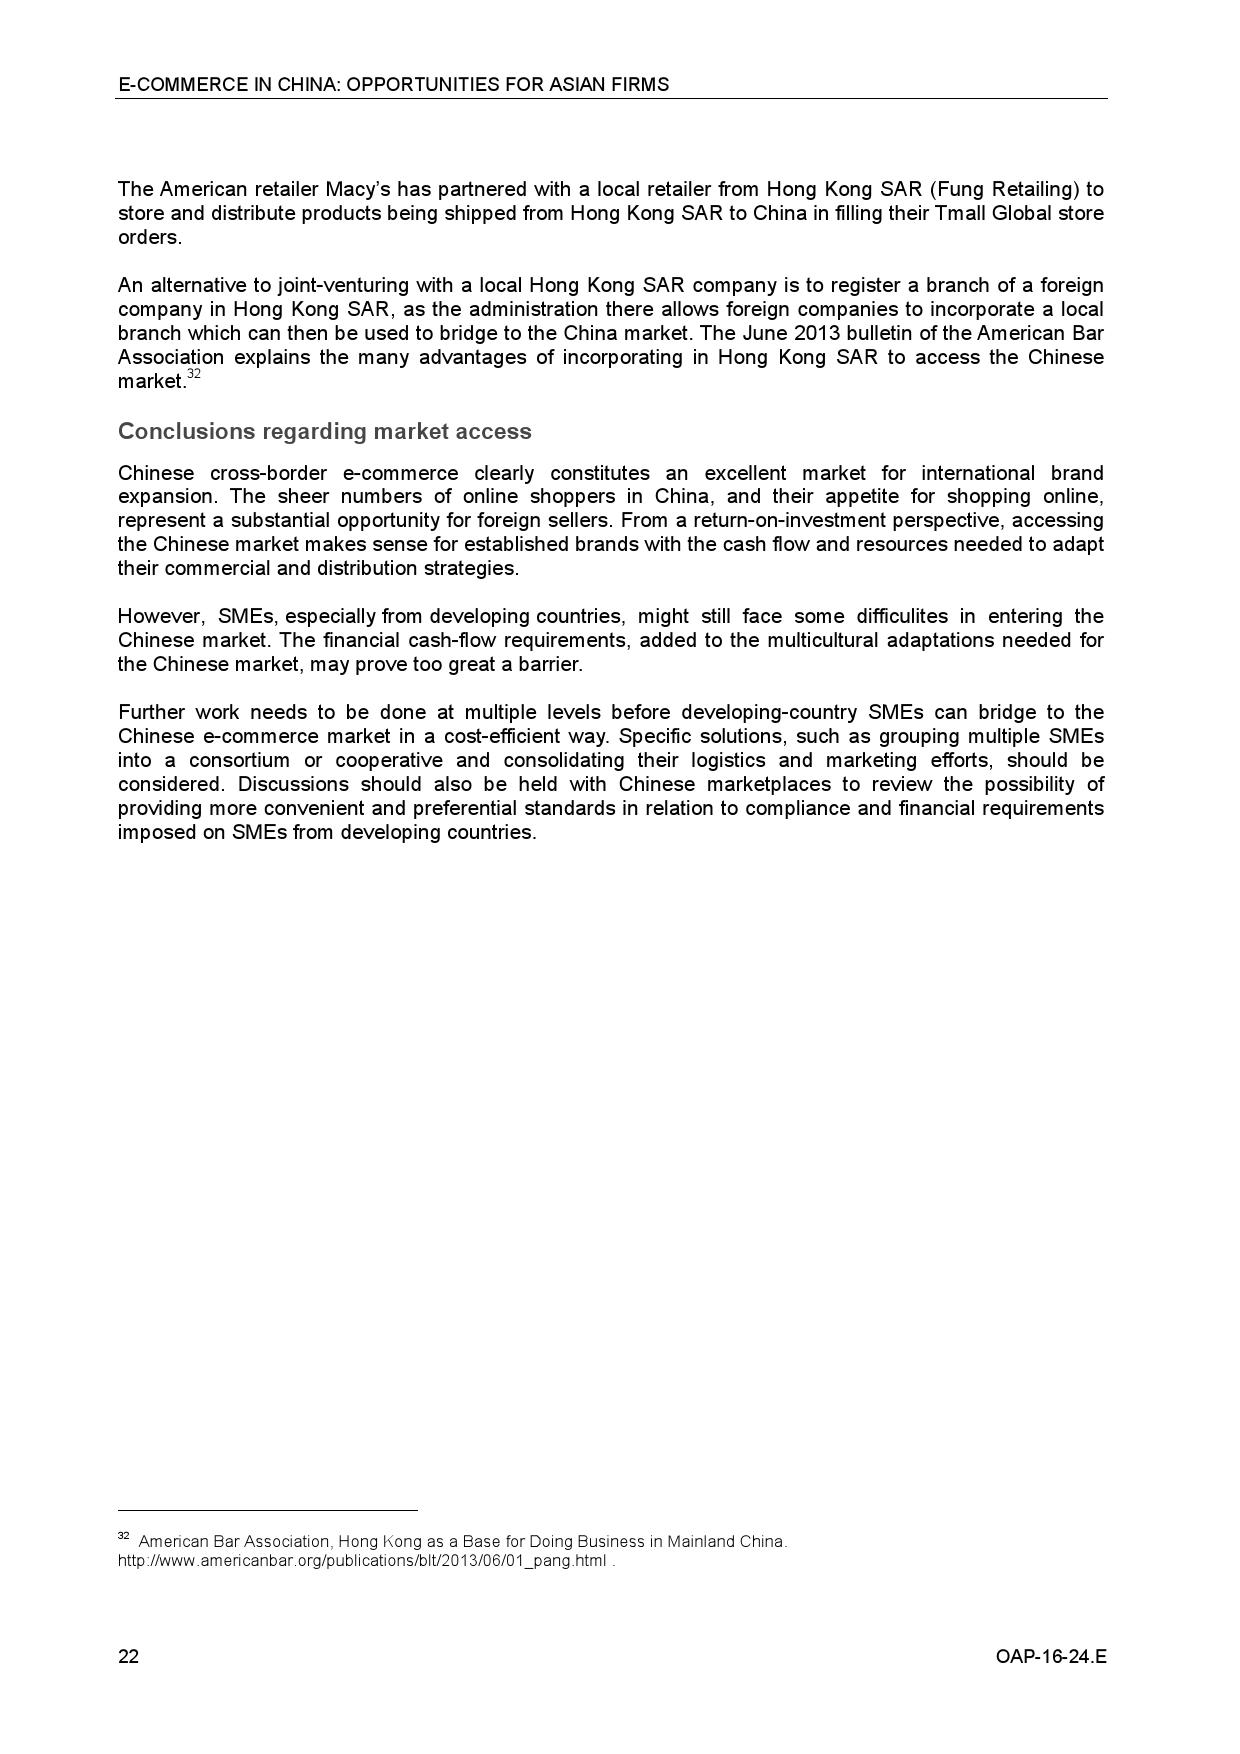 中国电子商务:对亚洲企业的机遇_000034